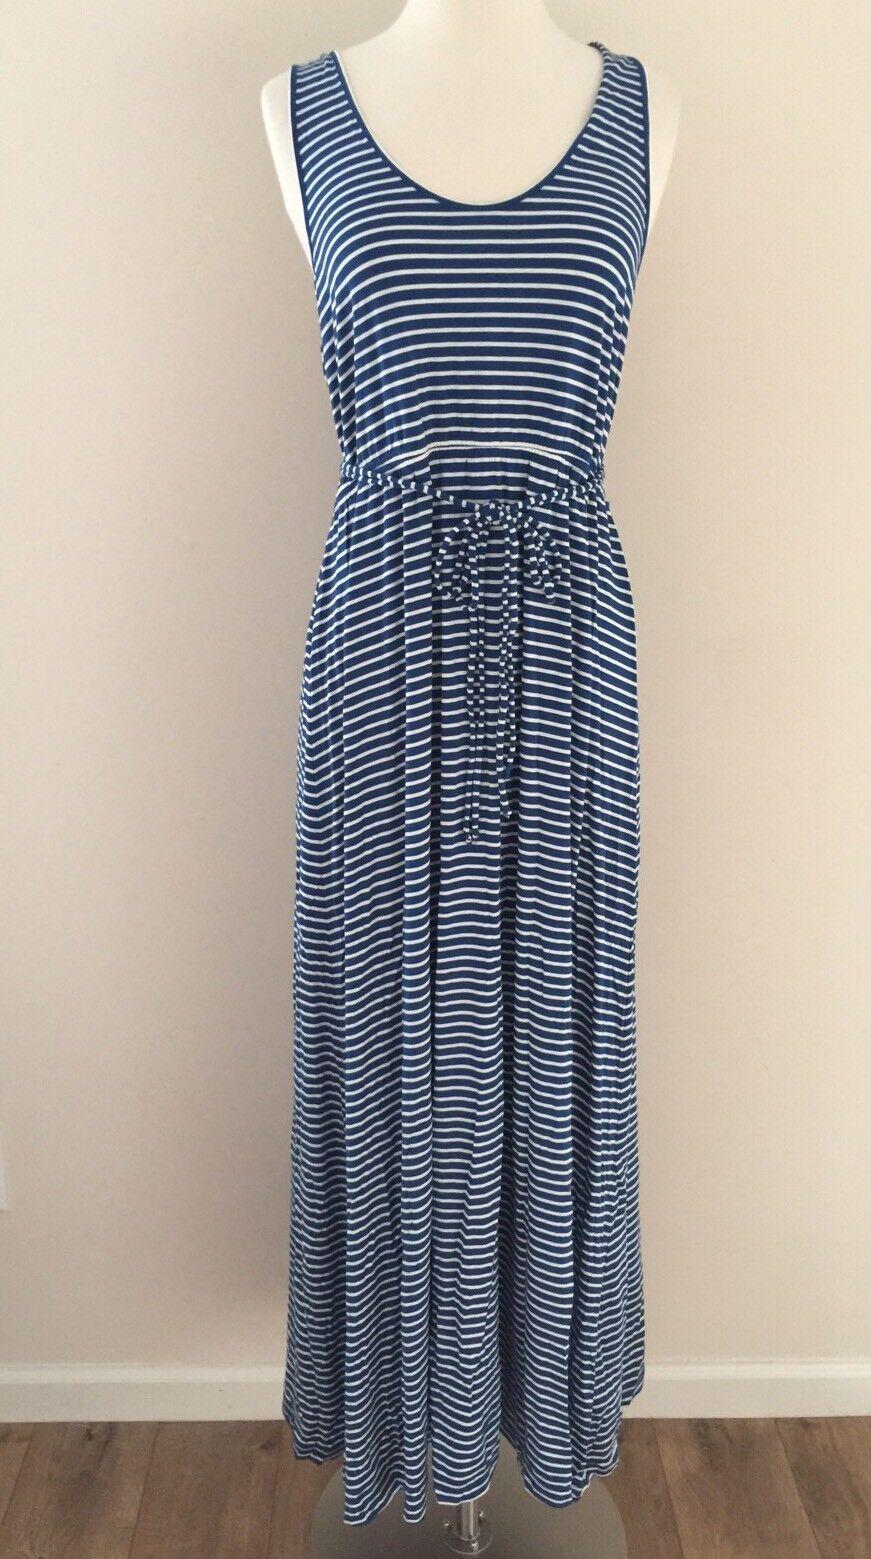 J CREW STRIPED MAXI DRESS WITH TIE WAIST bluee NWT M ITEM F0900